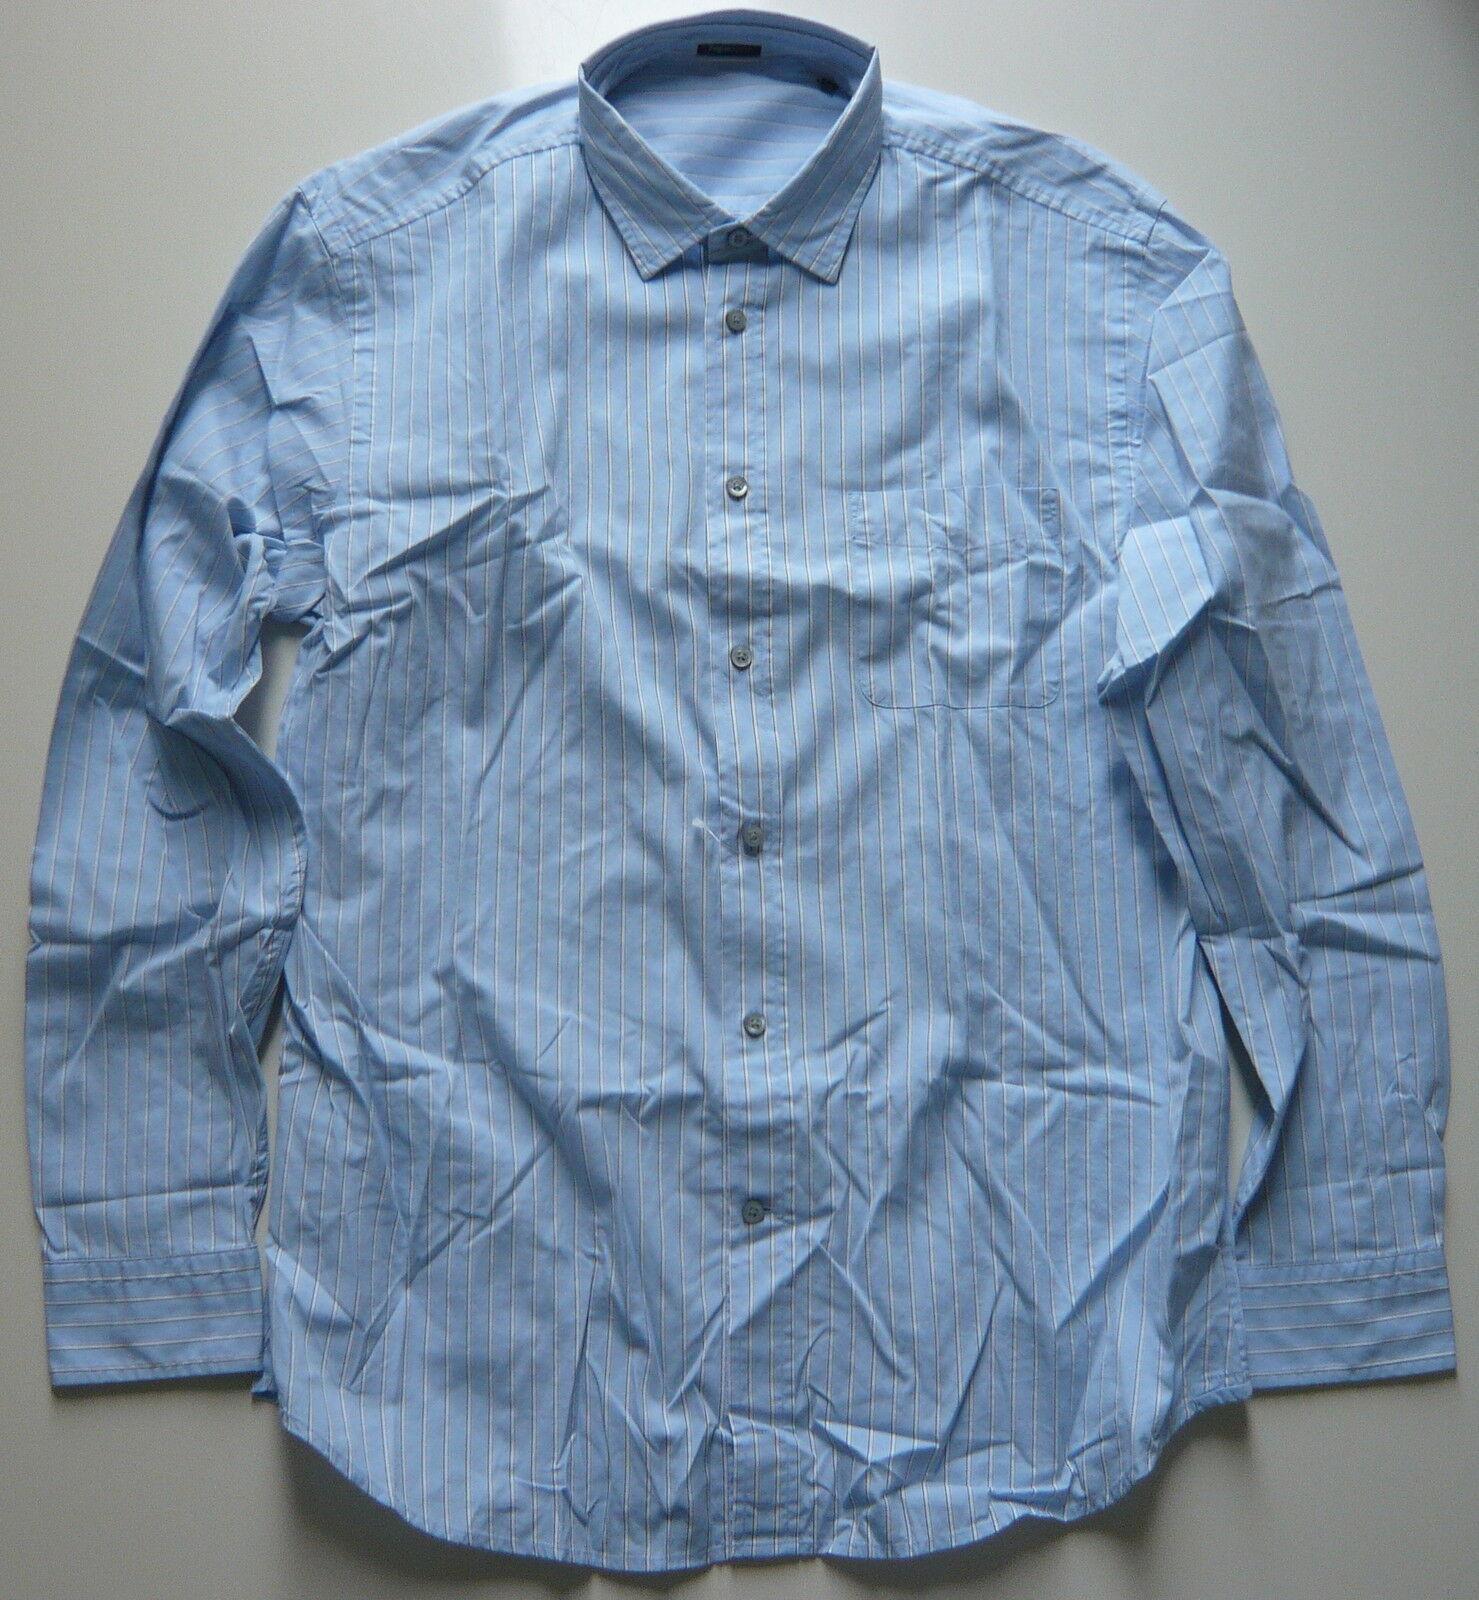 Zegna Sport Hemd Gr. XXL Baumwolle blau weiß grau gestreift Freizeit Geschäft